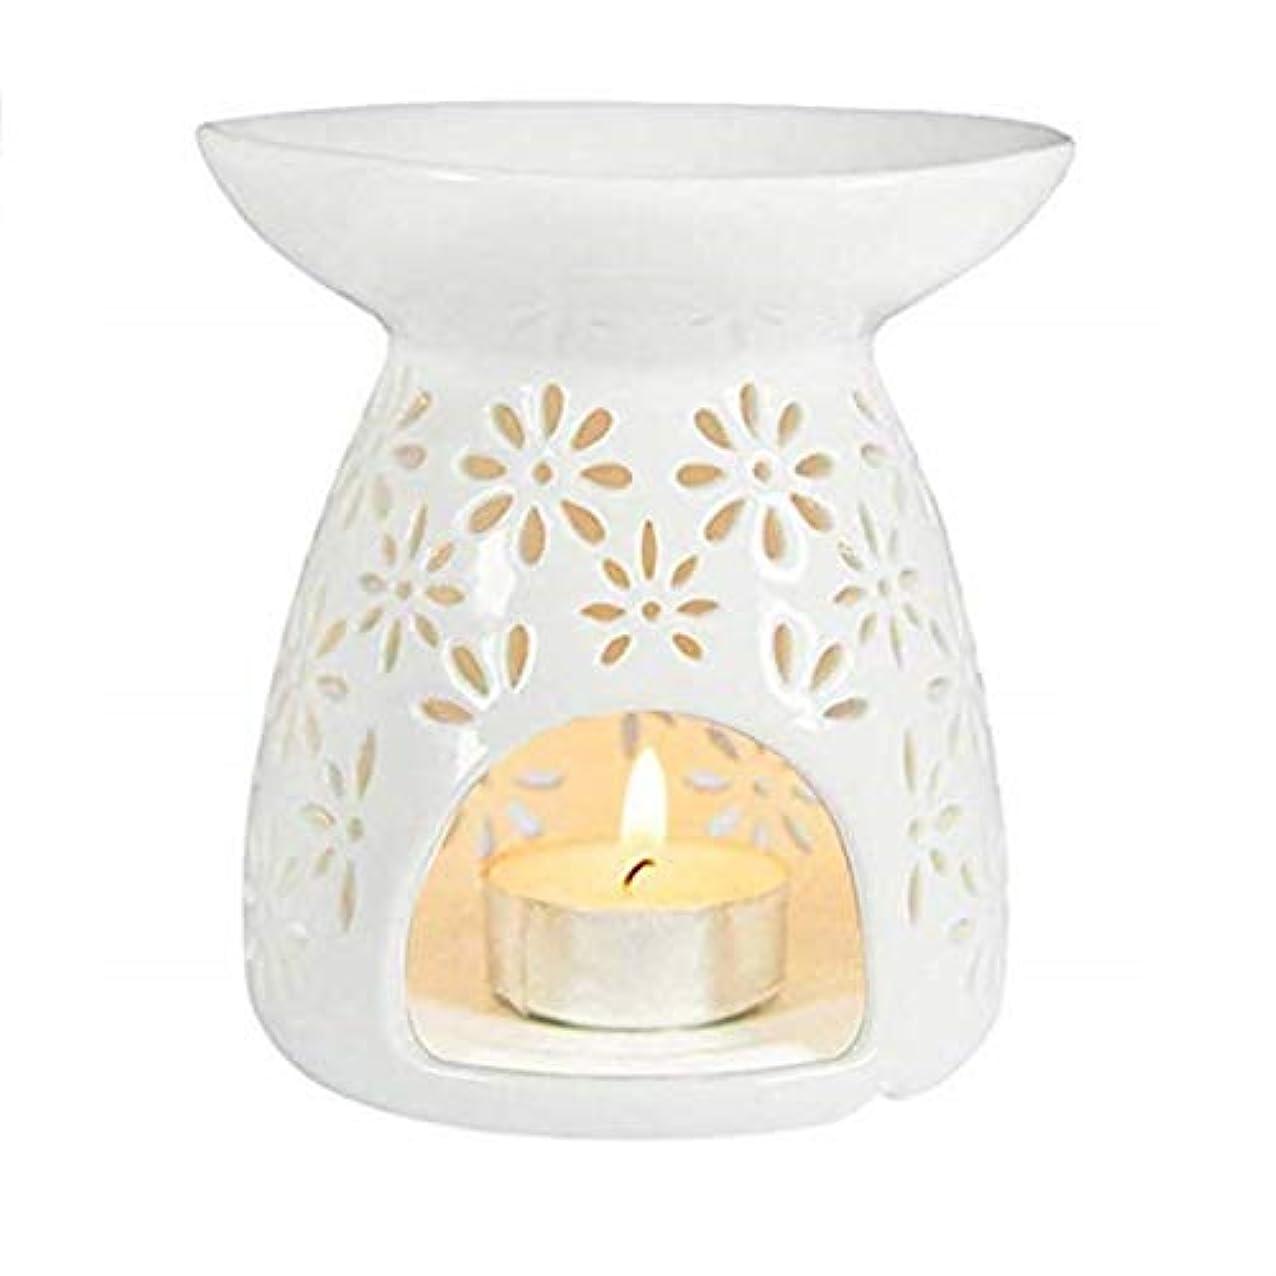 ミネラル飽和する検証シンプルモダン中空ラウンドセラミック香炉ホームフレグランスギフト装飾香ホルダーオイルバーナーティーライトホルダー (Color : White, サイズ : 3.74*3.93inchs)